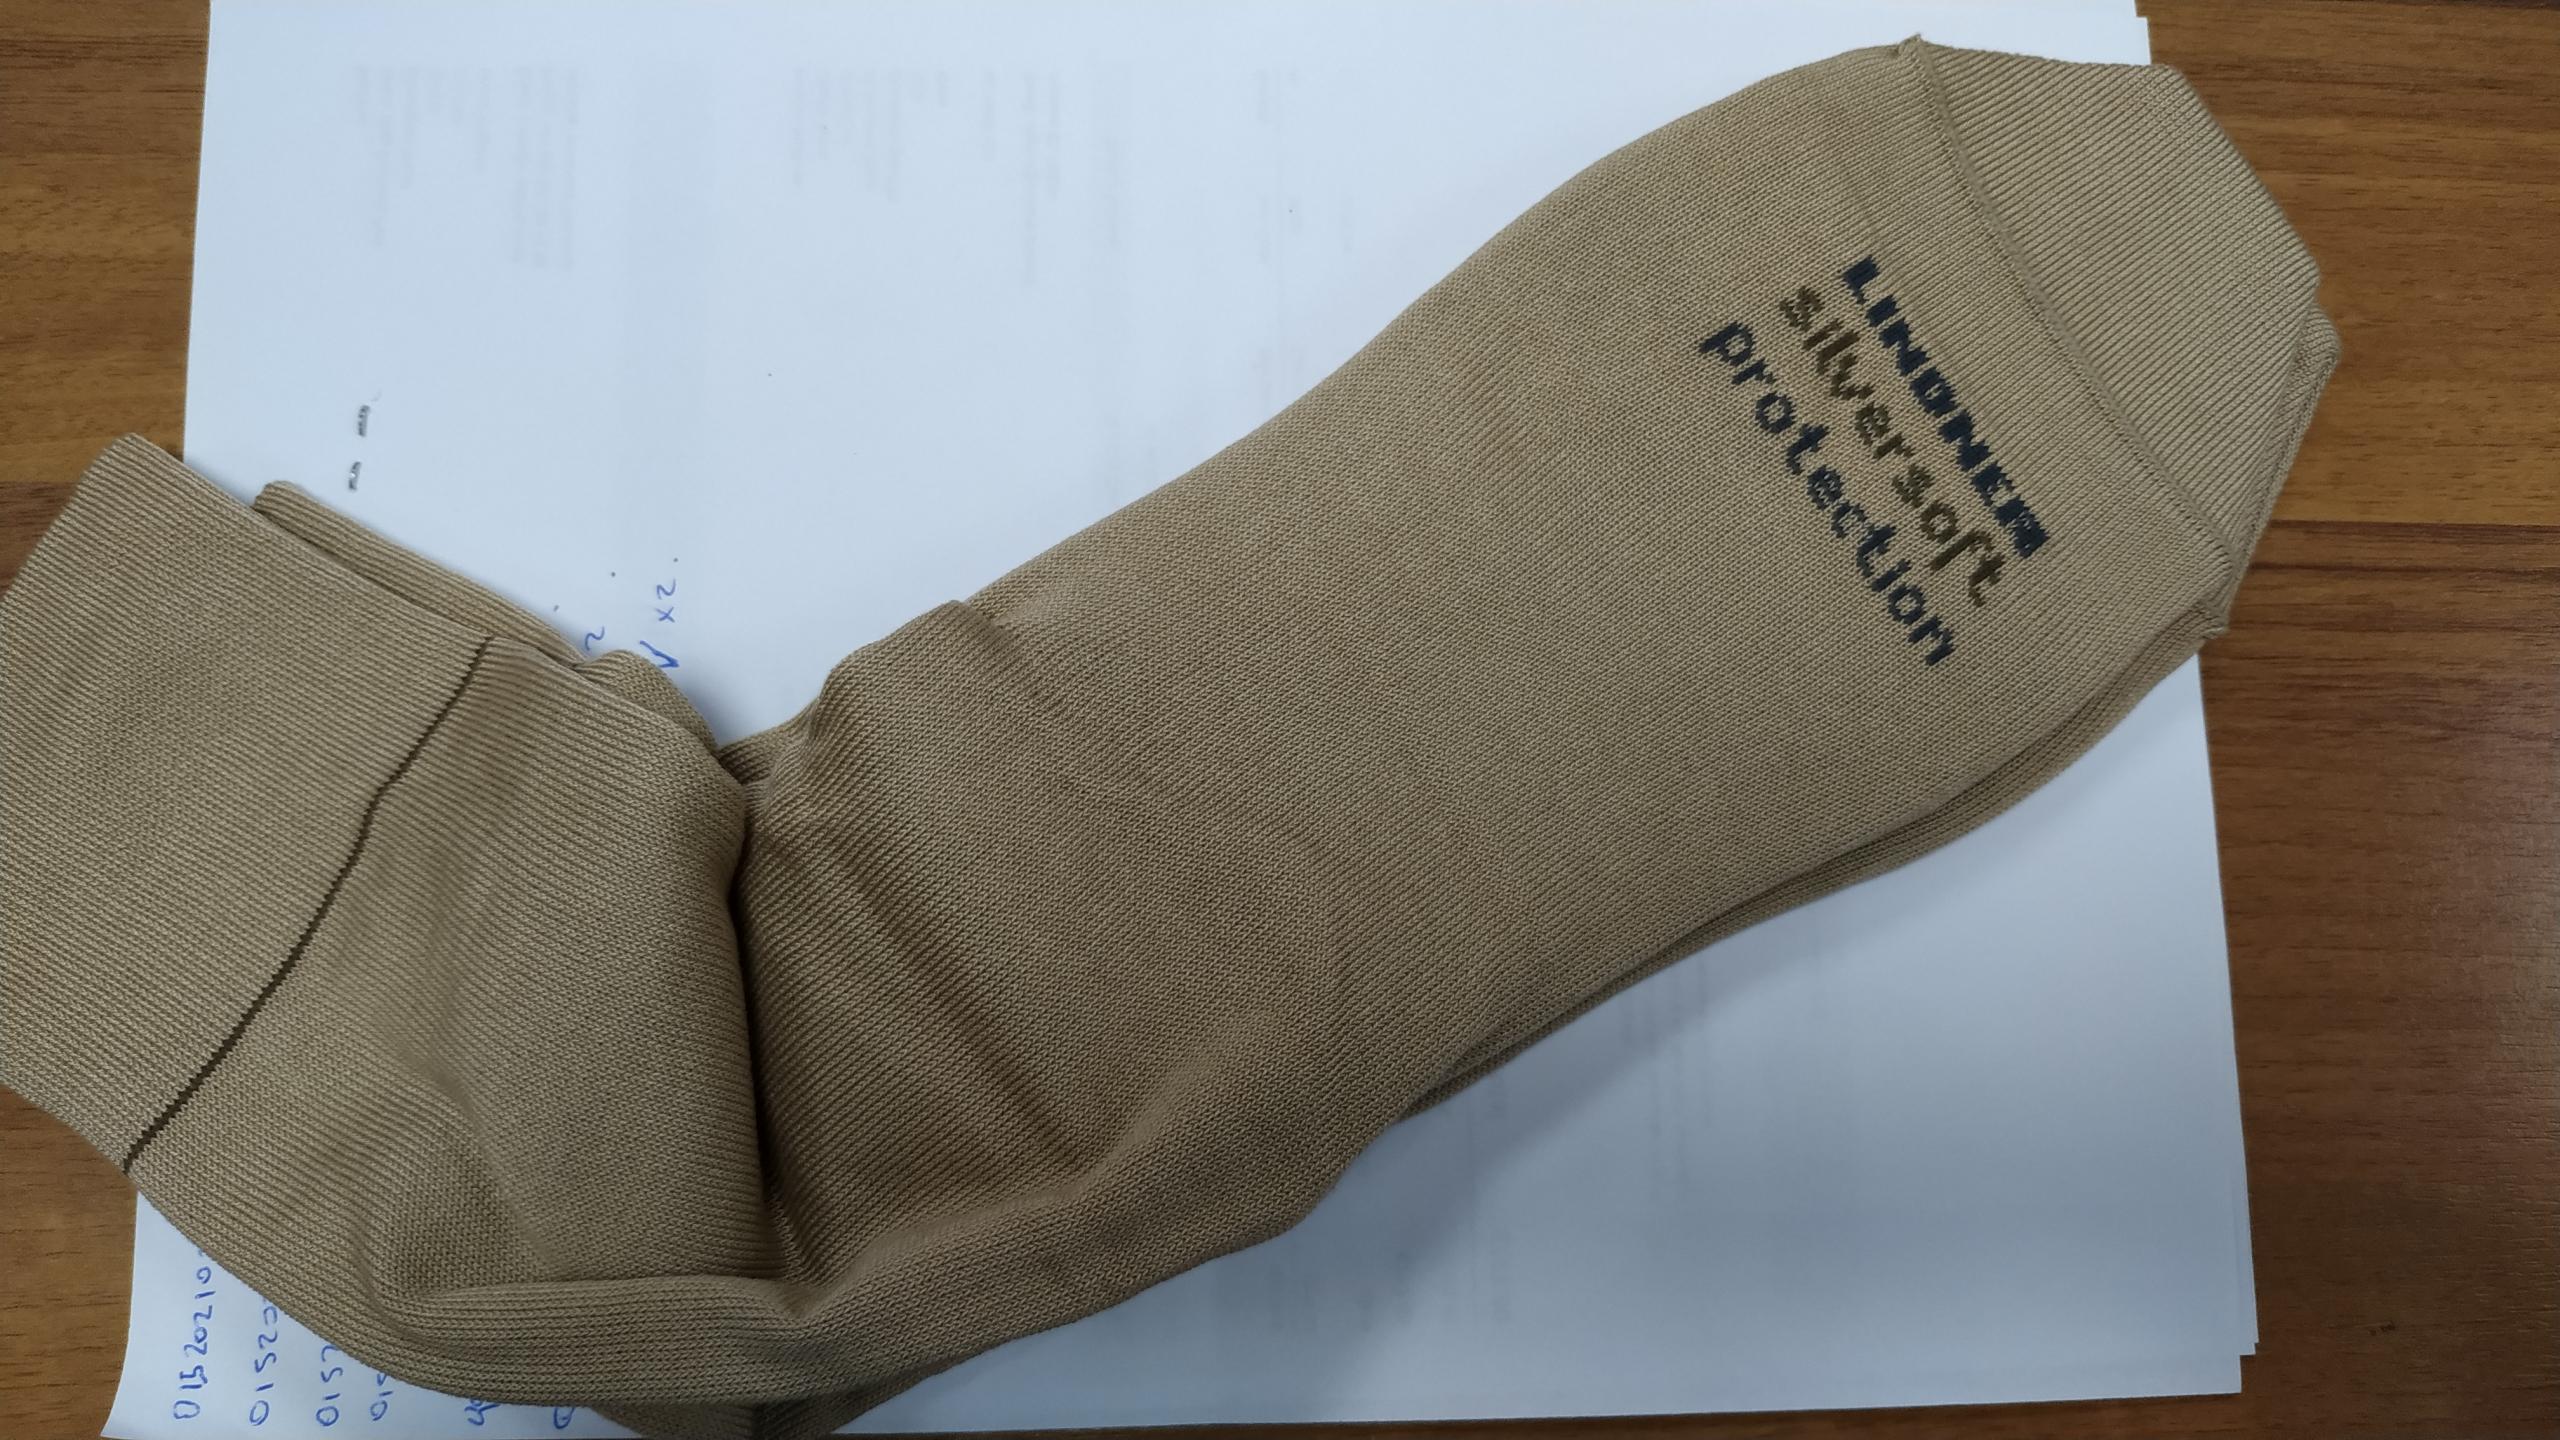 SOCKS DIABETIC DOUBLE WITH GEL SOLE 39 - 41 BEIGE